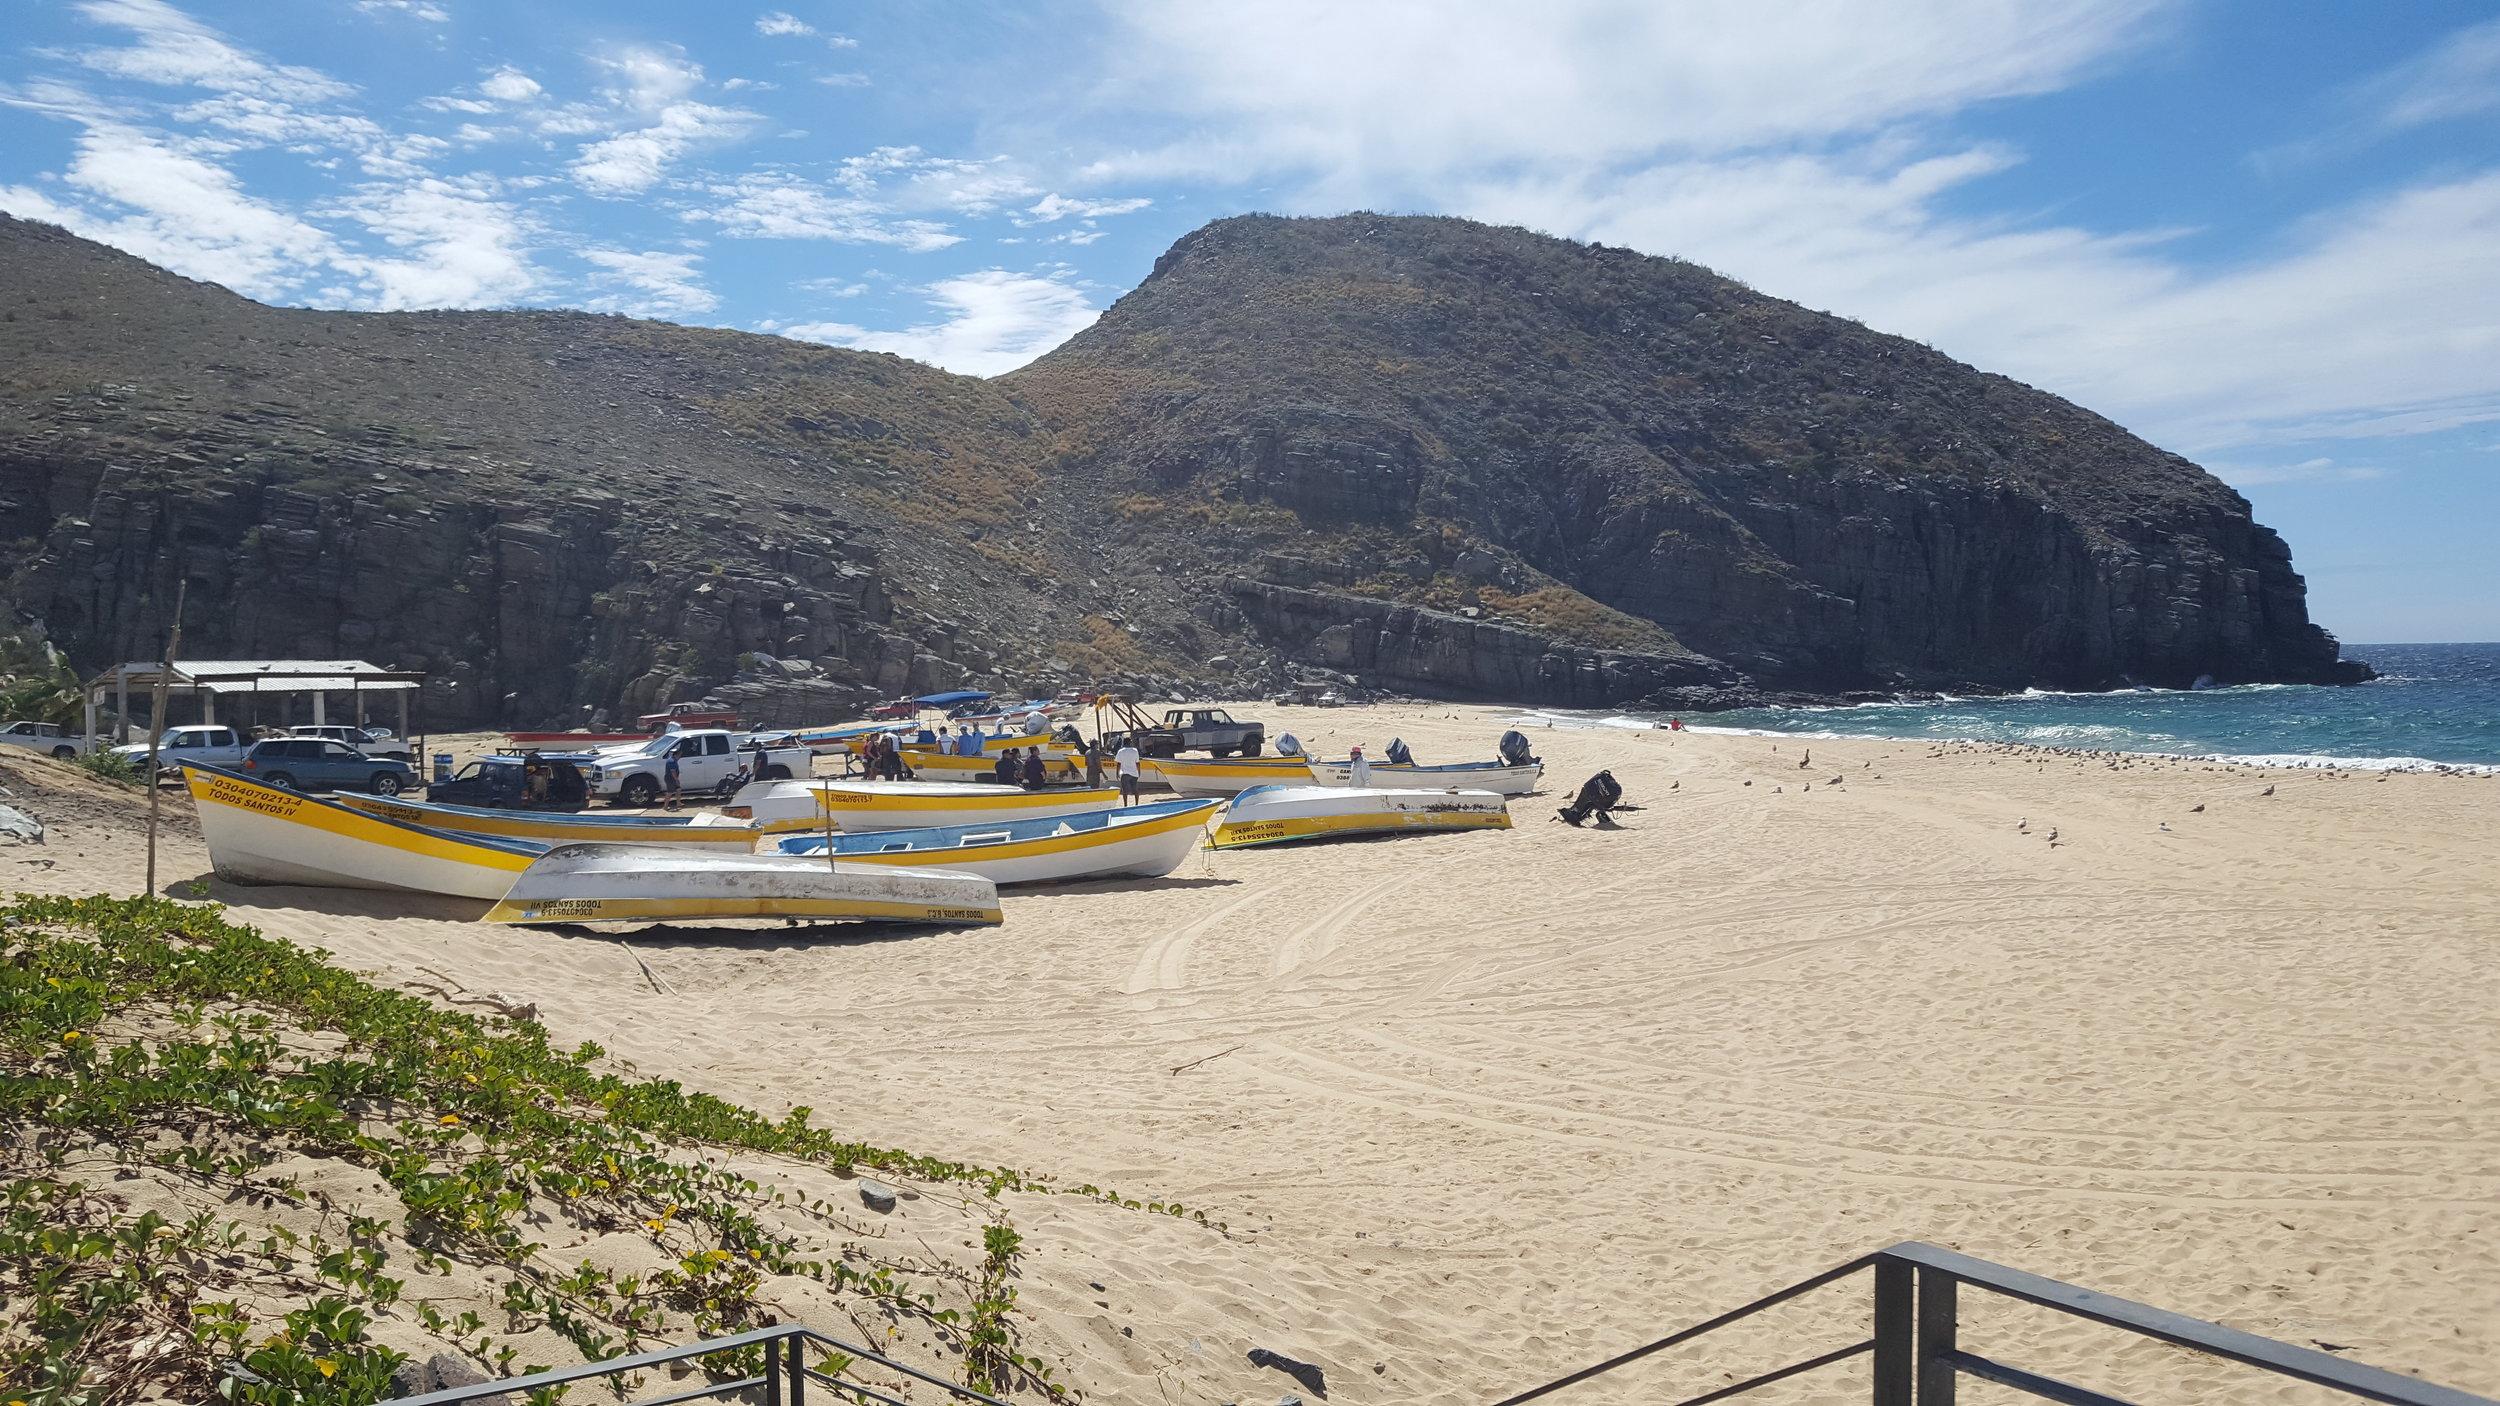 Punta Lobos, Baja California Sur